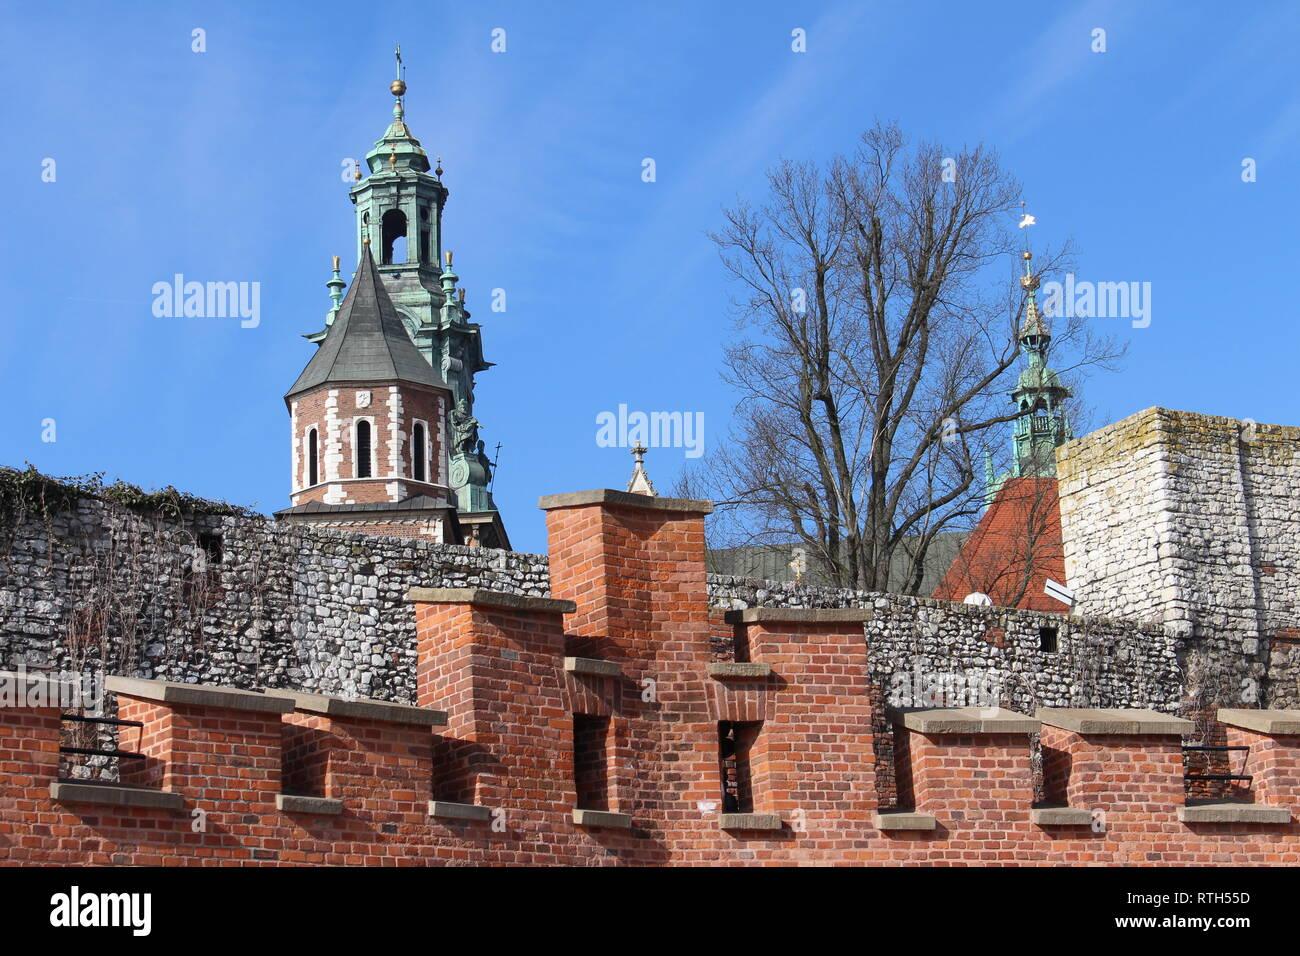 Wawel castle in Kraków, view of the wall - Stock Image